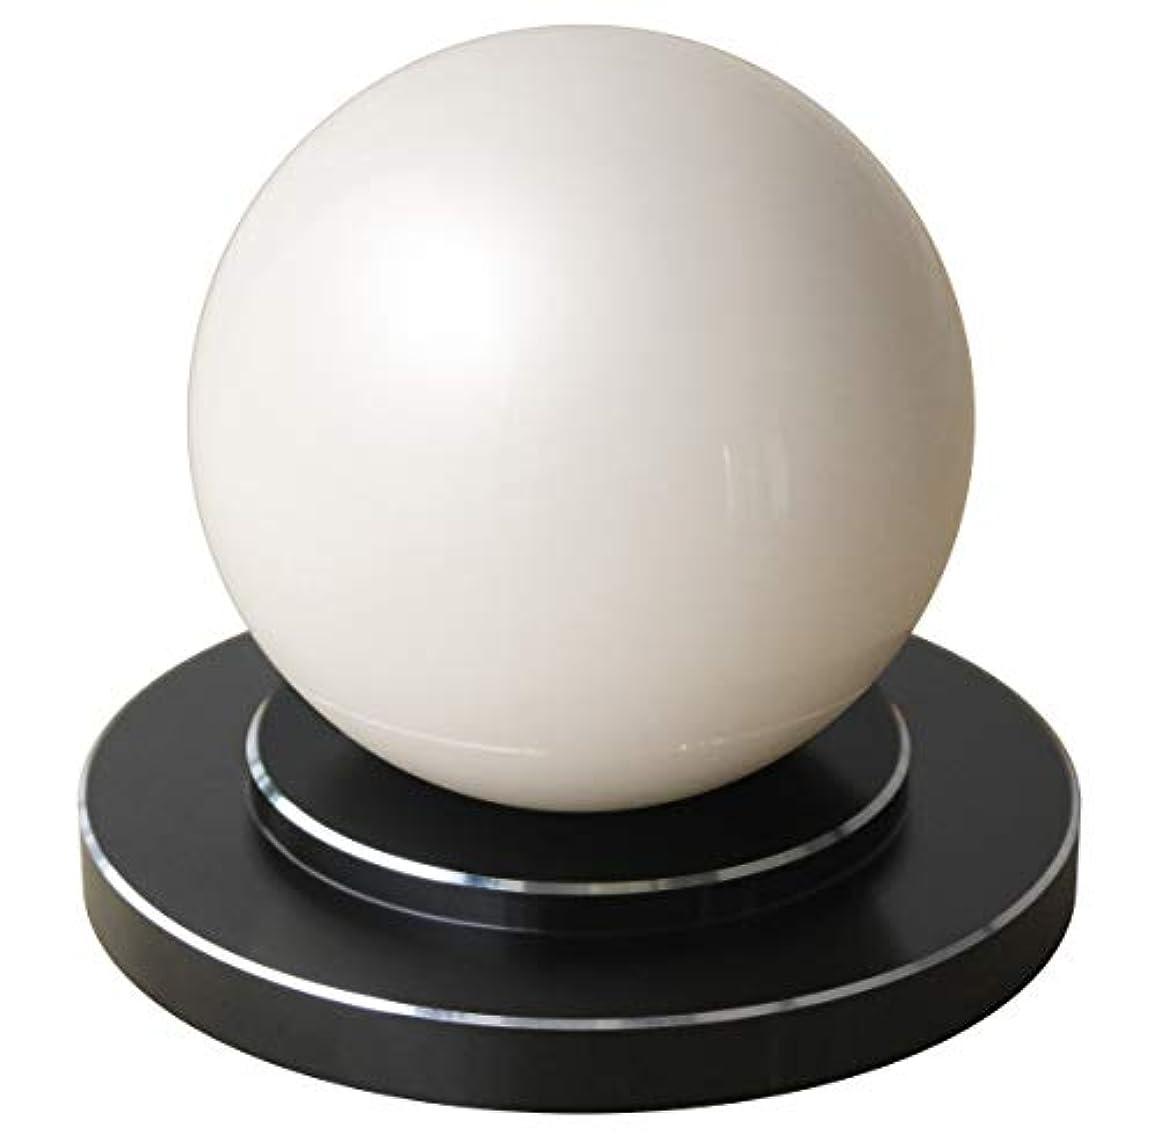 漂流豚相手商品名:楽人球(らくときゅう):インテリアにもなるスタイリッシュな指圧器。光沢のある大きな球体。美しさと指圧の実力を兼ね備えた全く新しいタイプの指圧器。筋肉のこりをほぐし、リラックスできる。 【 すごく効く理由→一点圧により...